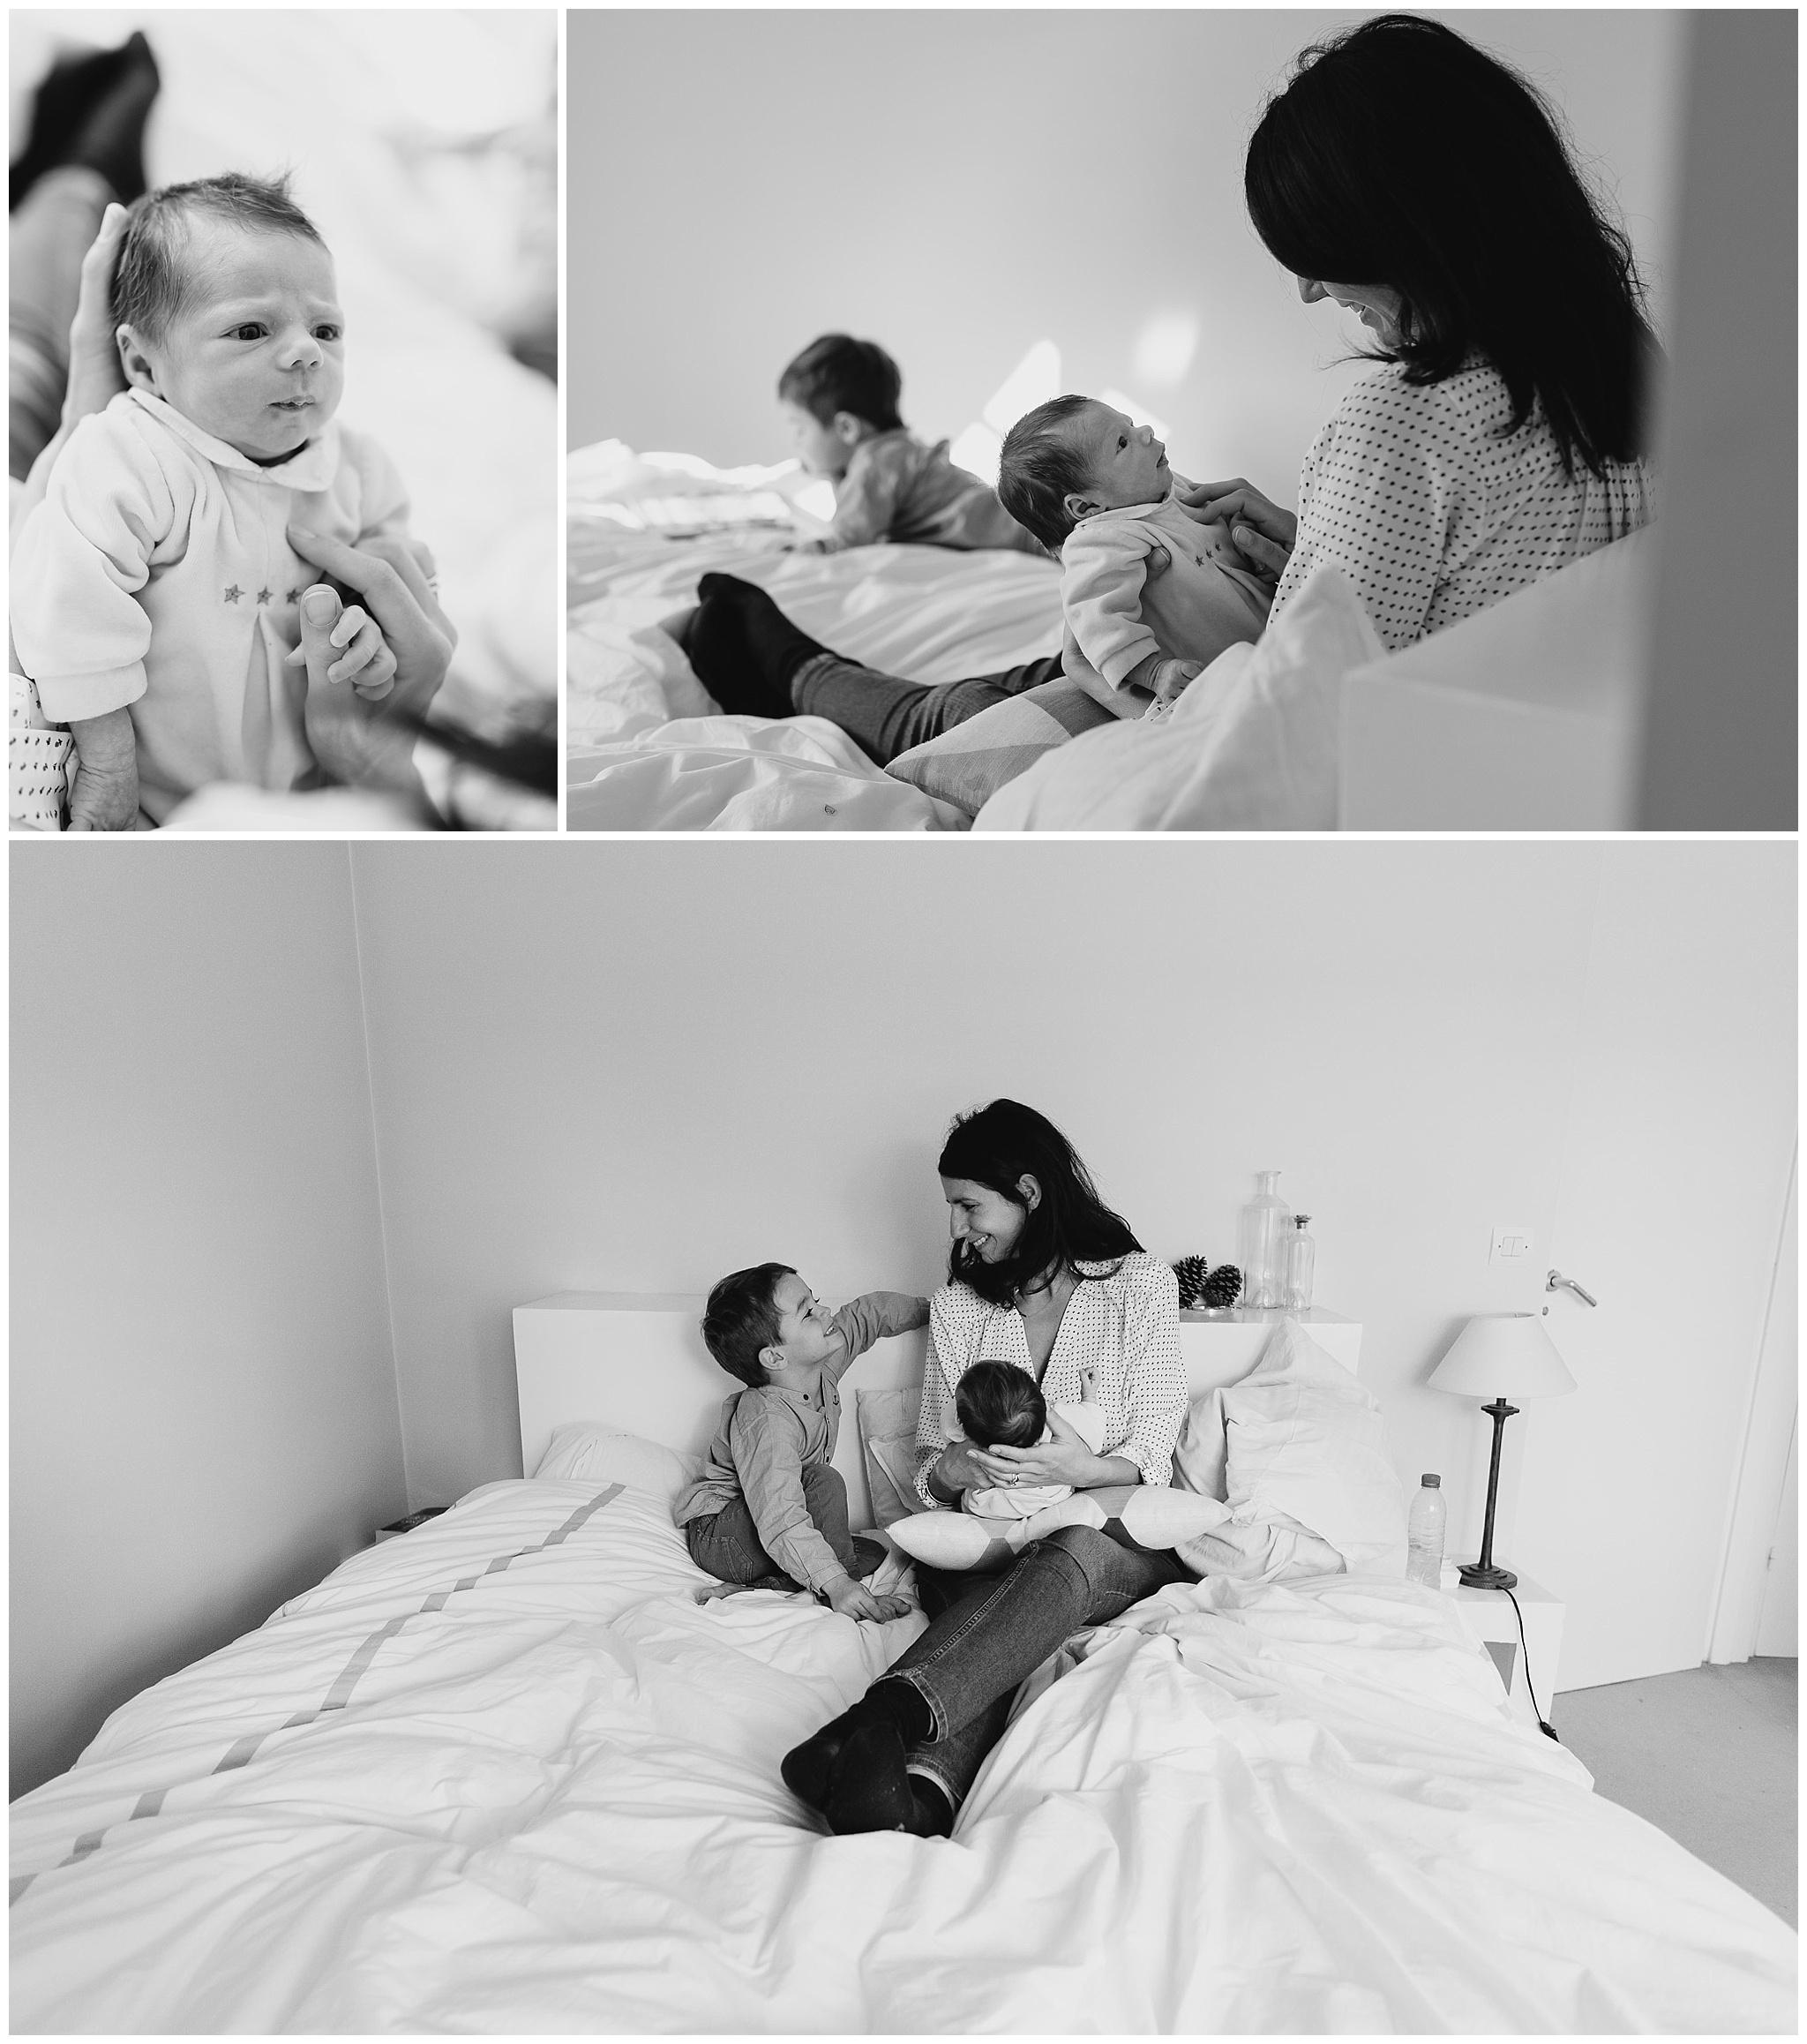 Photographe séance photo Naissance Nouveau-né Bébé Famille Yvelines Paris 78 92 75